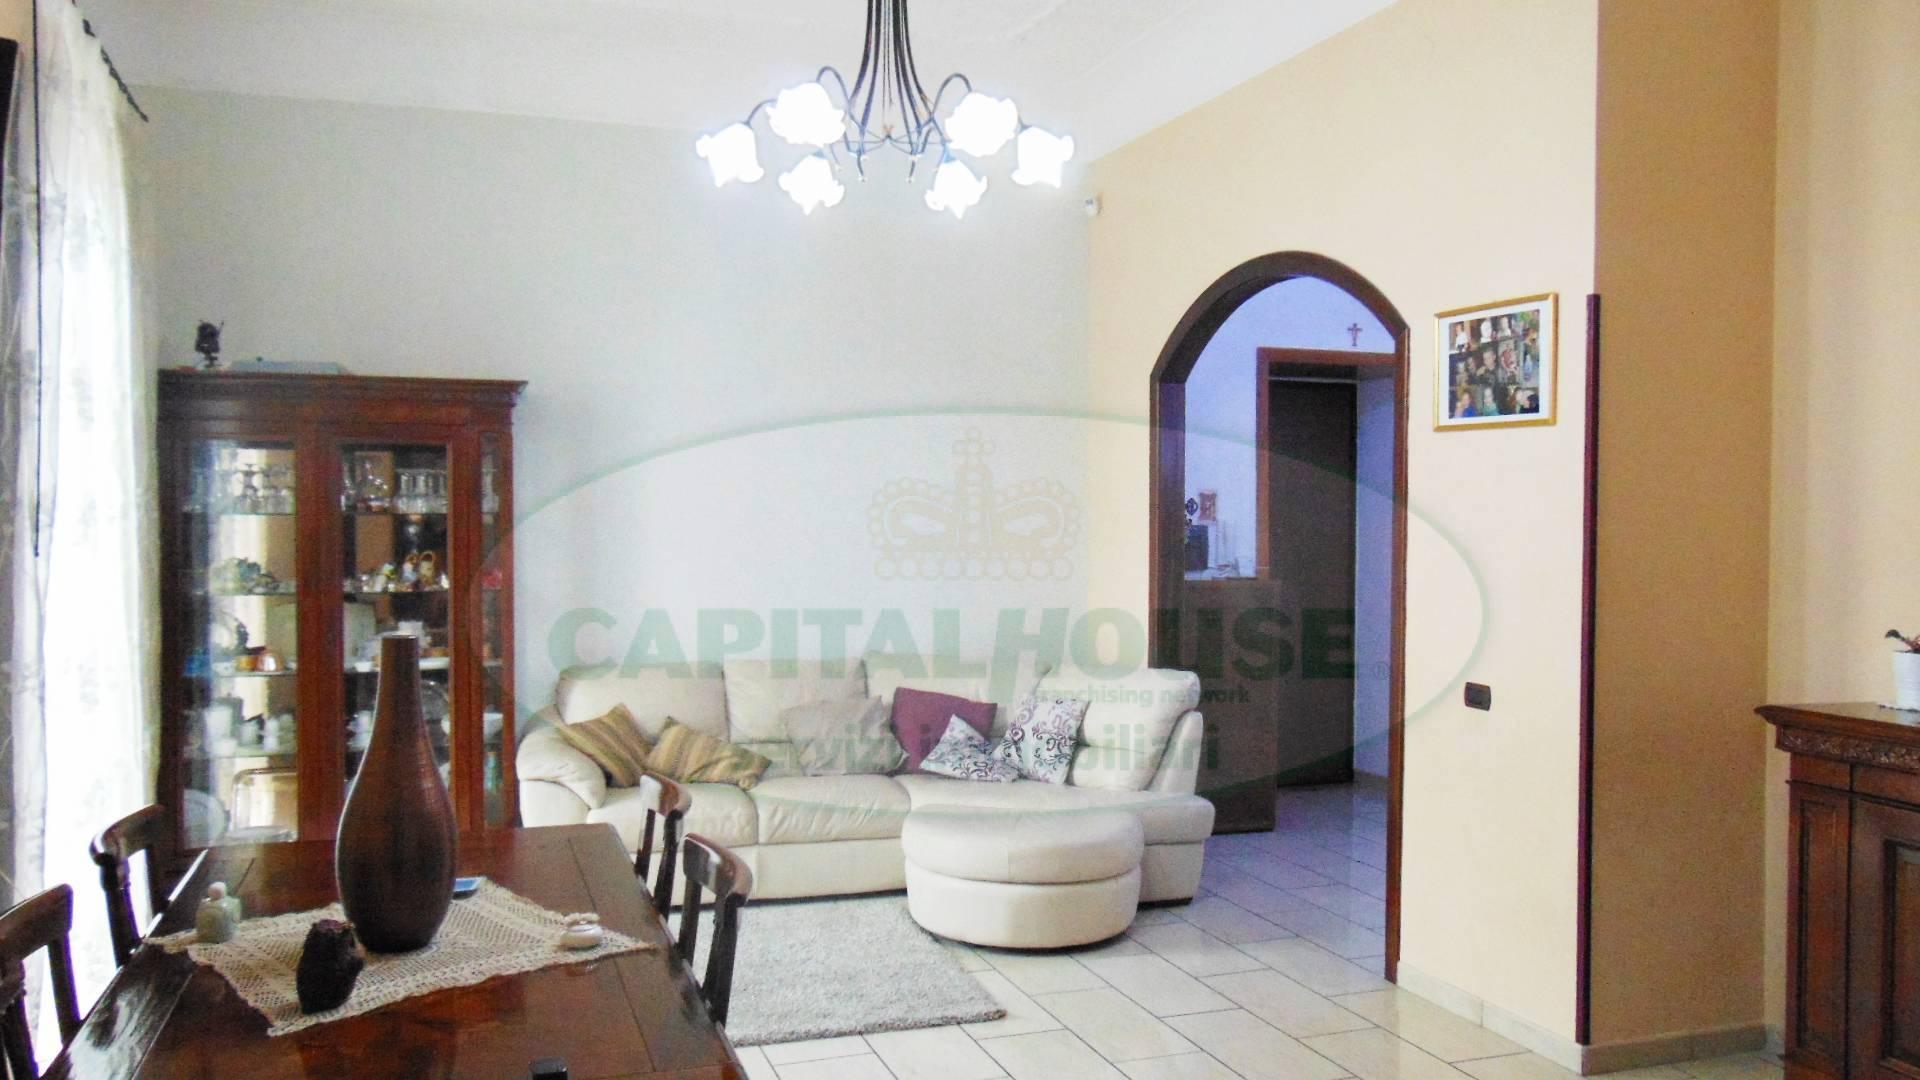 Appartamento in vendita a Mugnano del Cardinale, 3 locali, prezzo € 120.000 | CambioCasa.it